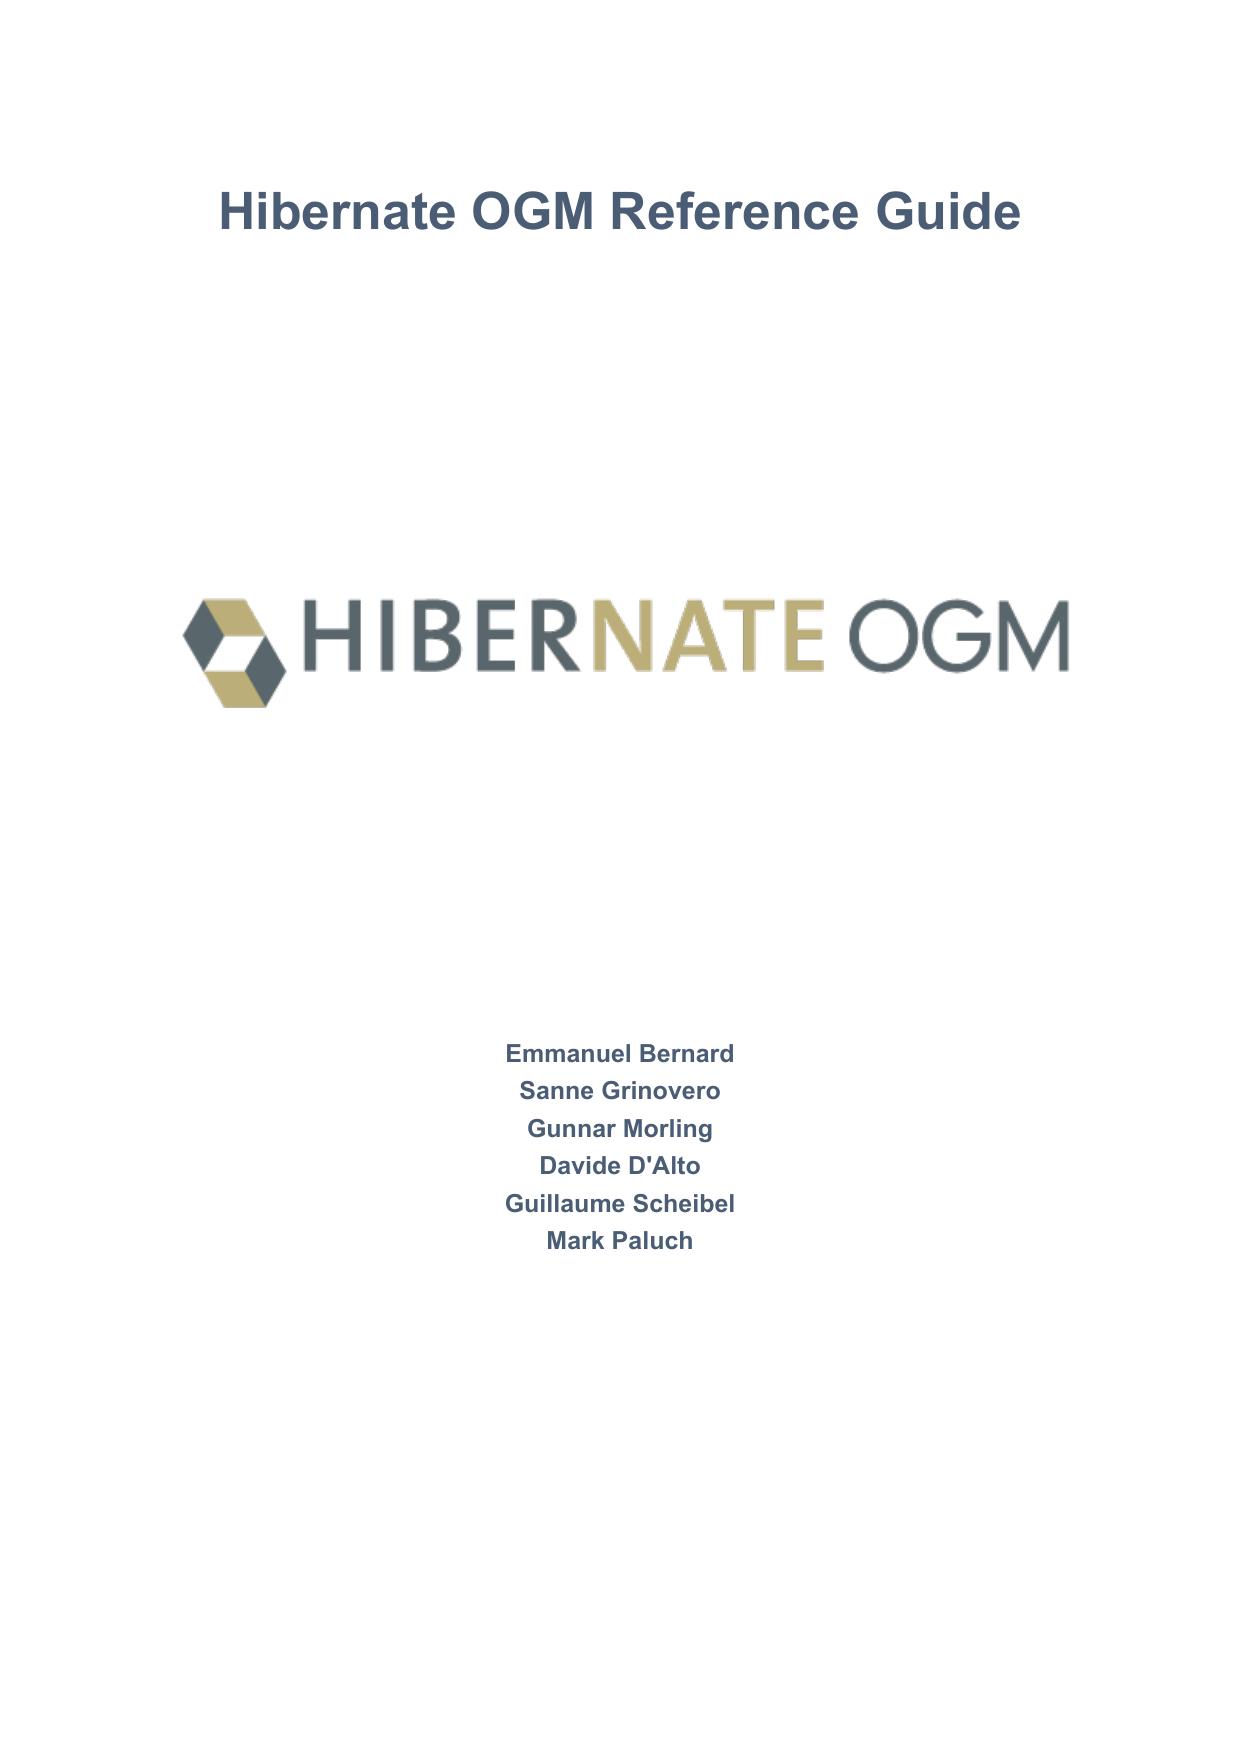 Hibernate OGM Reference Guide | manualzz com